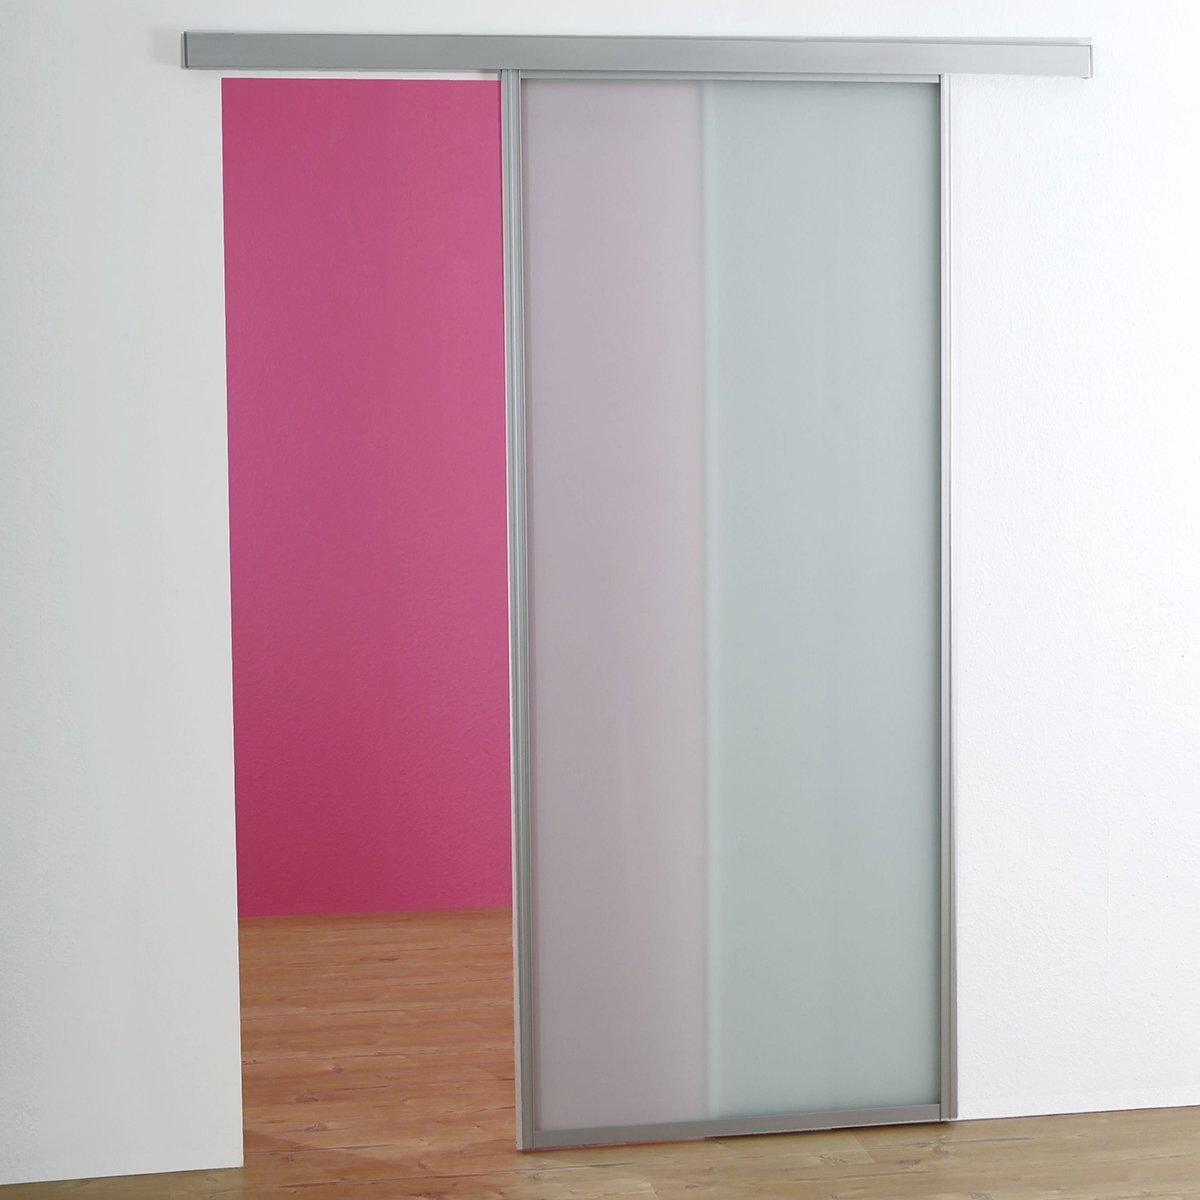 Zimmertüren glas satiniert  Schiebetür Zimmertür auf Maß bis 1200x2700mm Glas satiniert mit ...